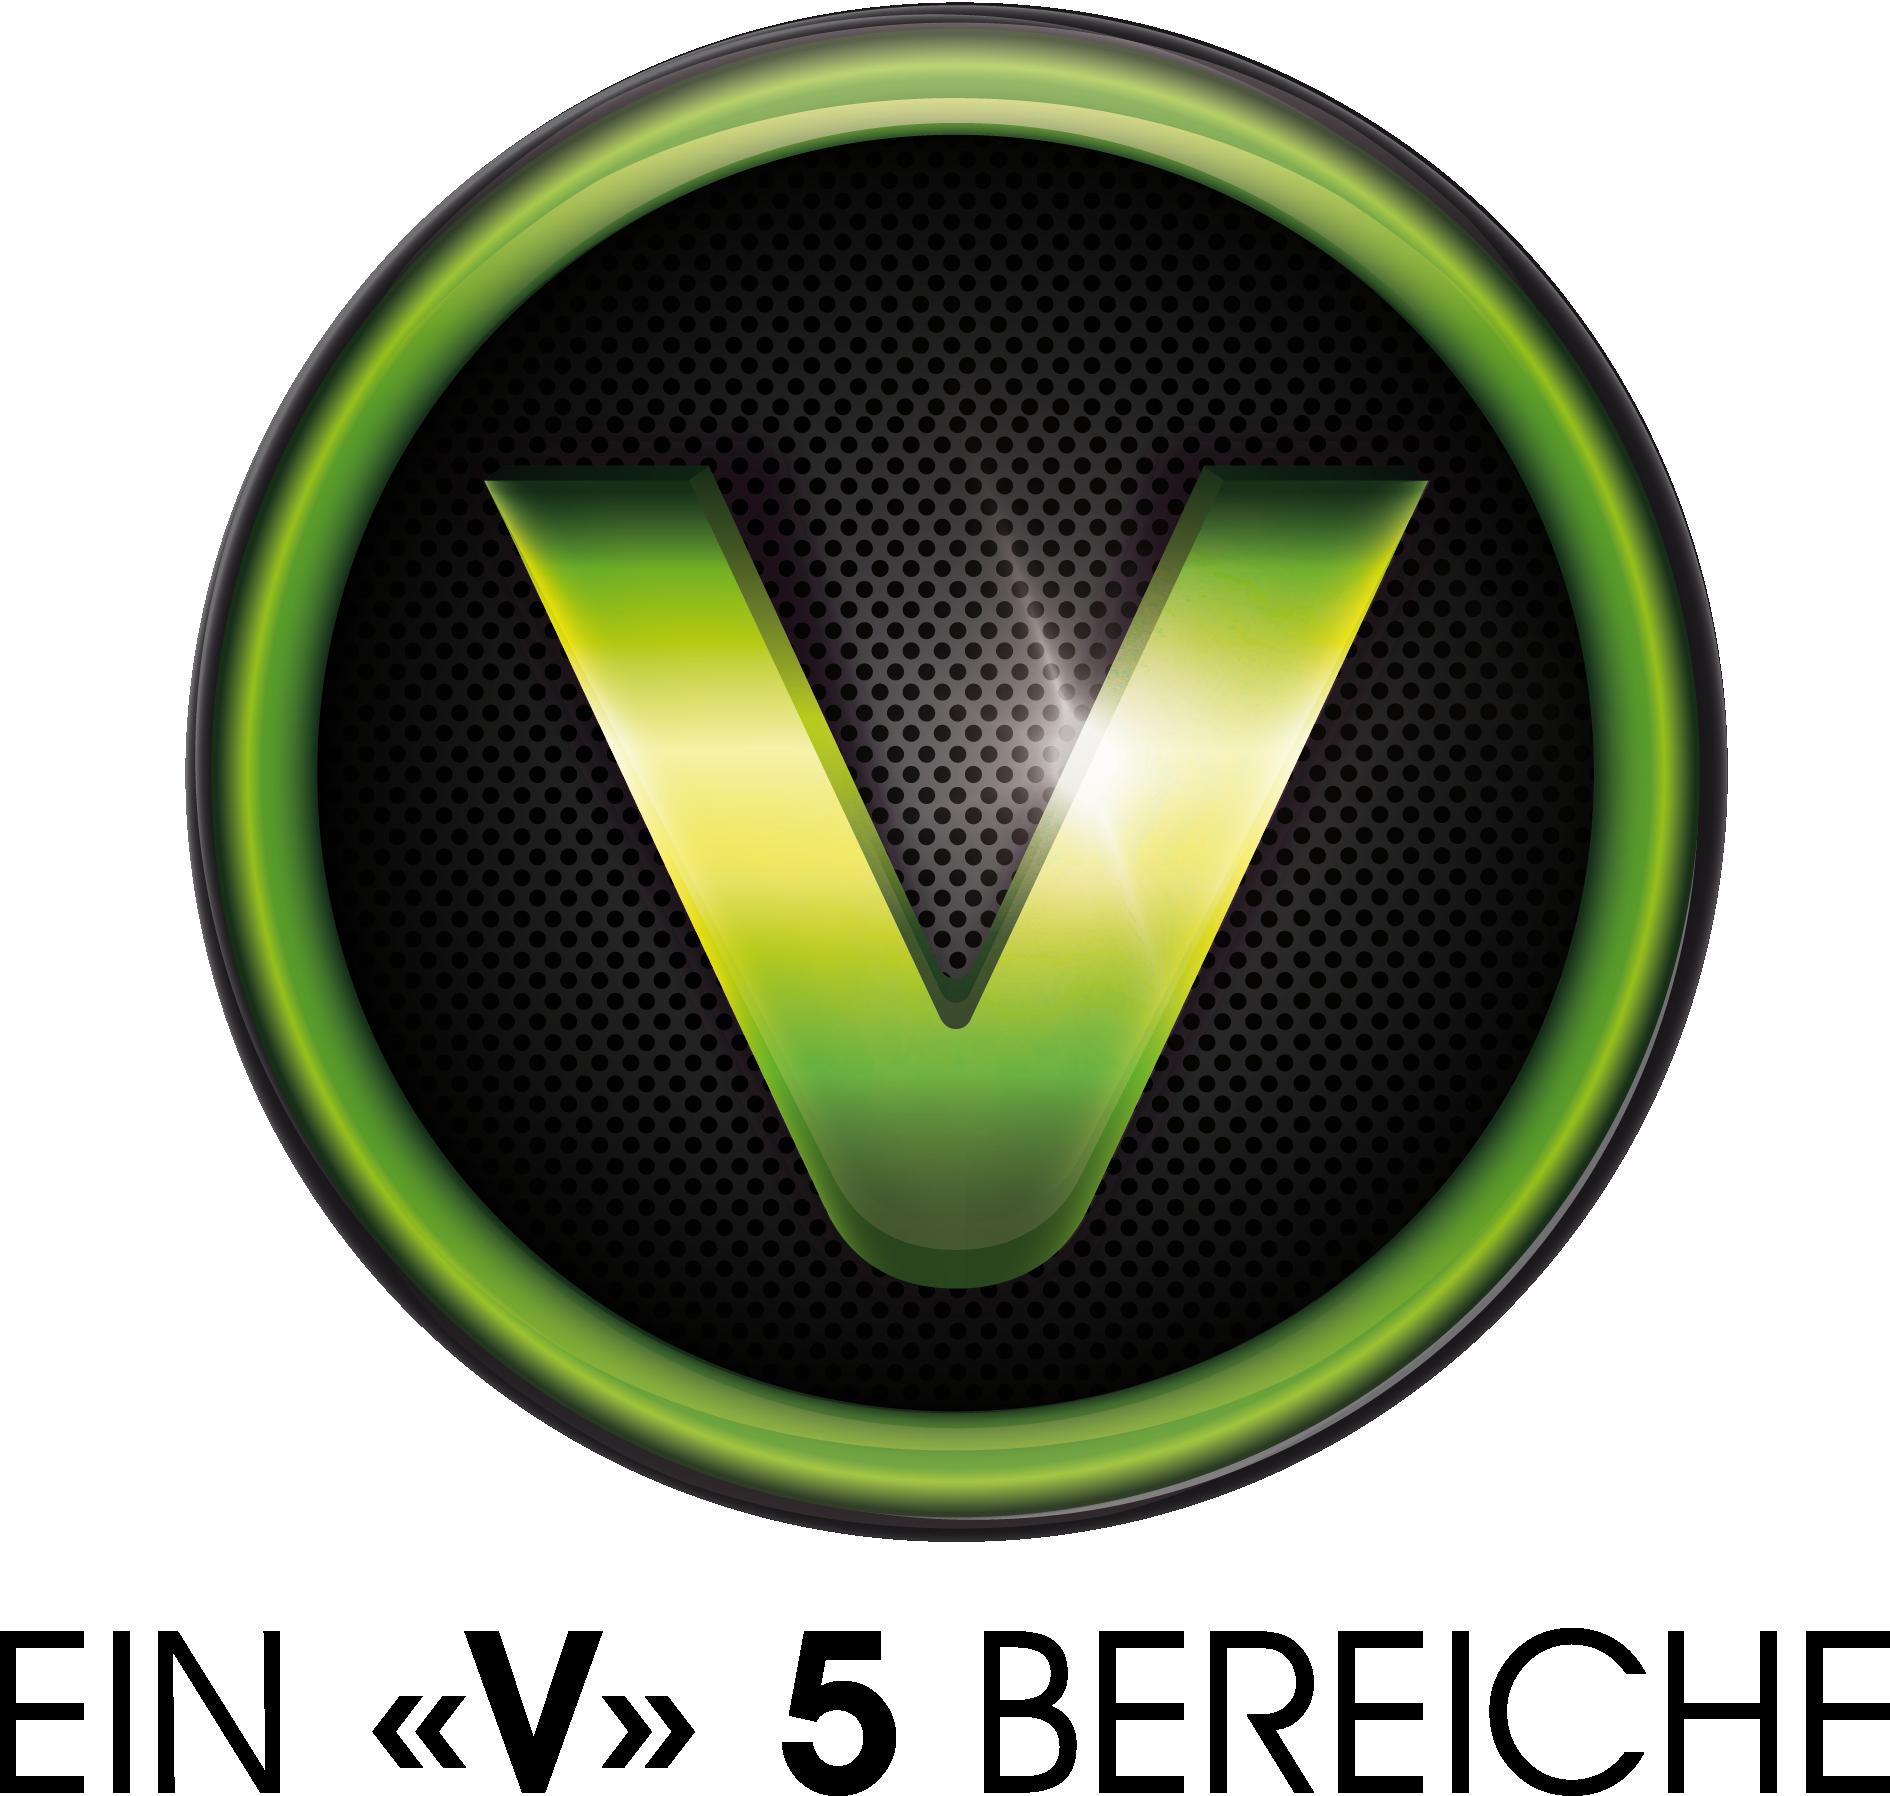 V- Villach logo